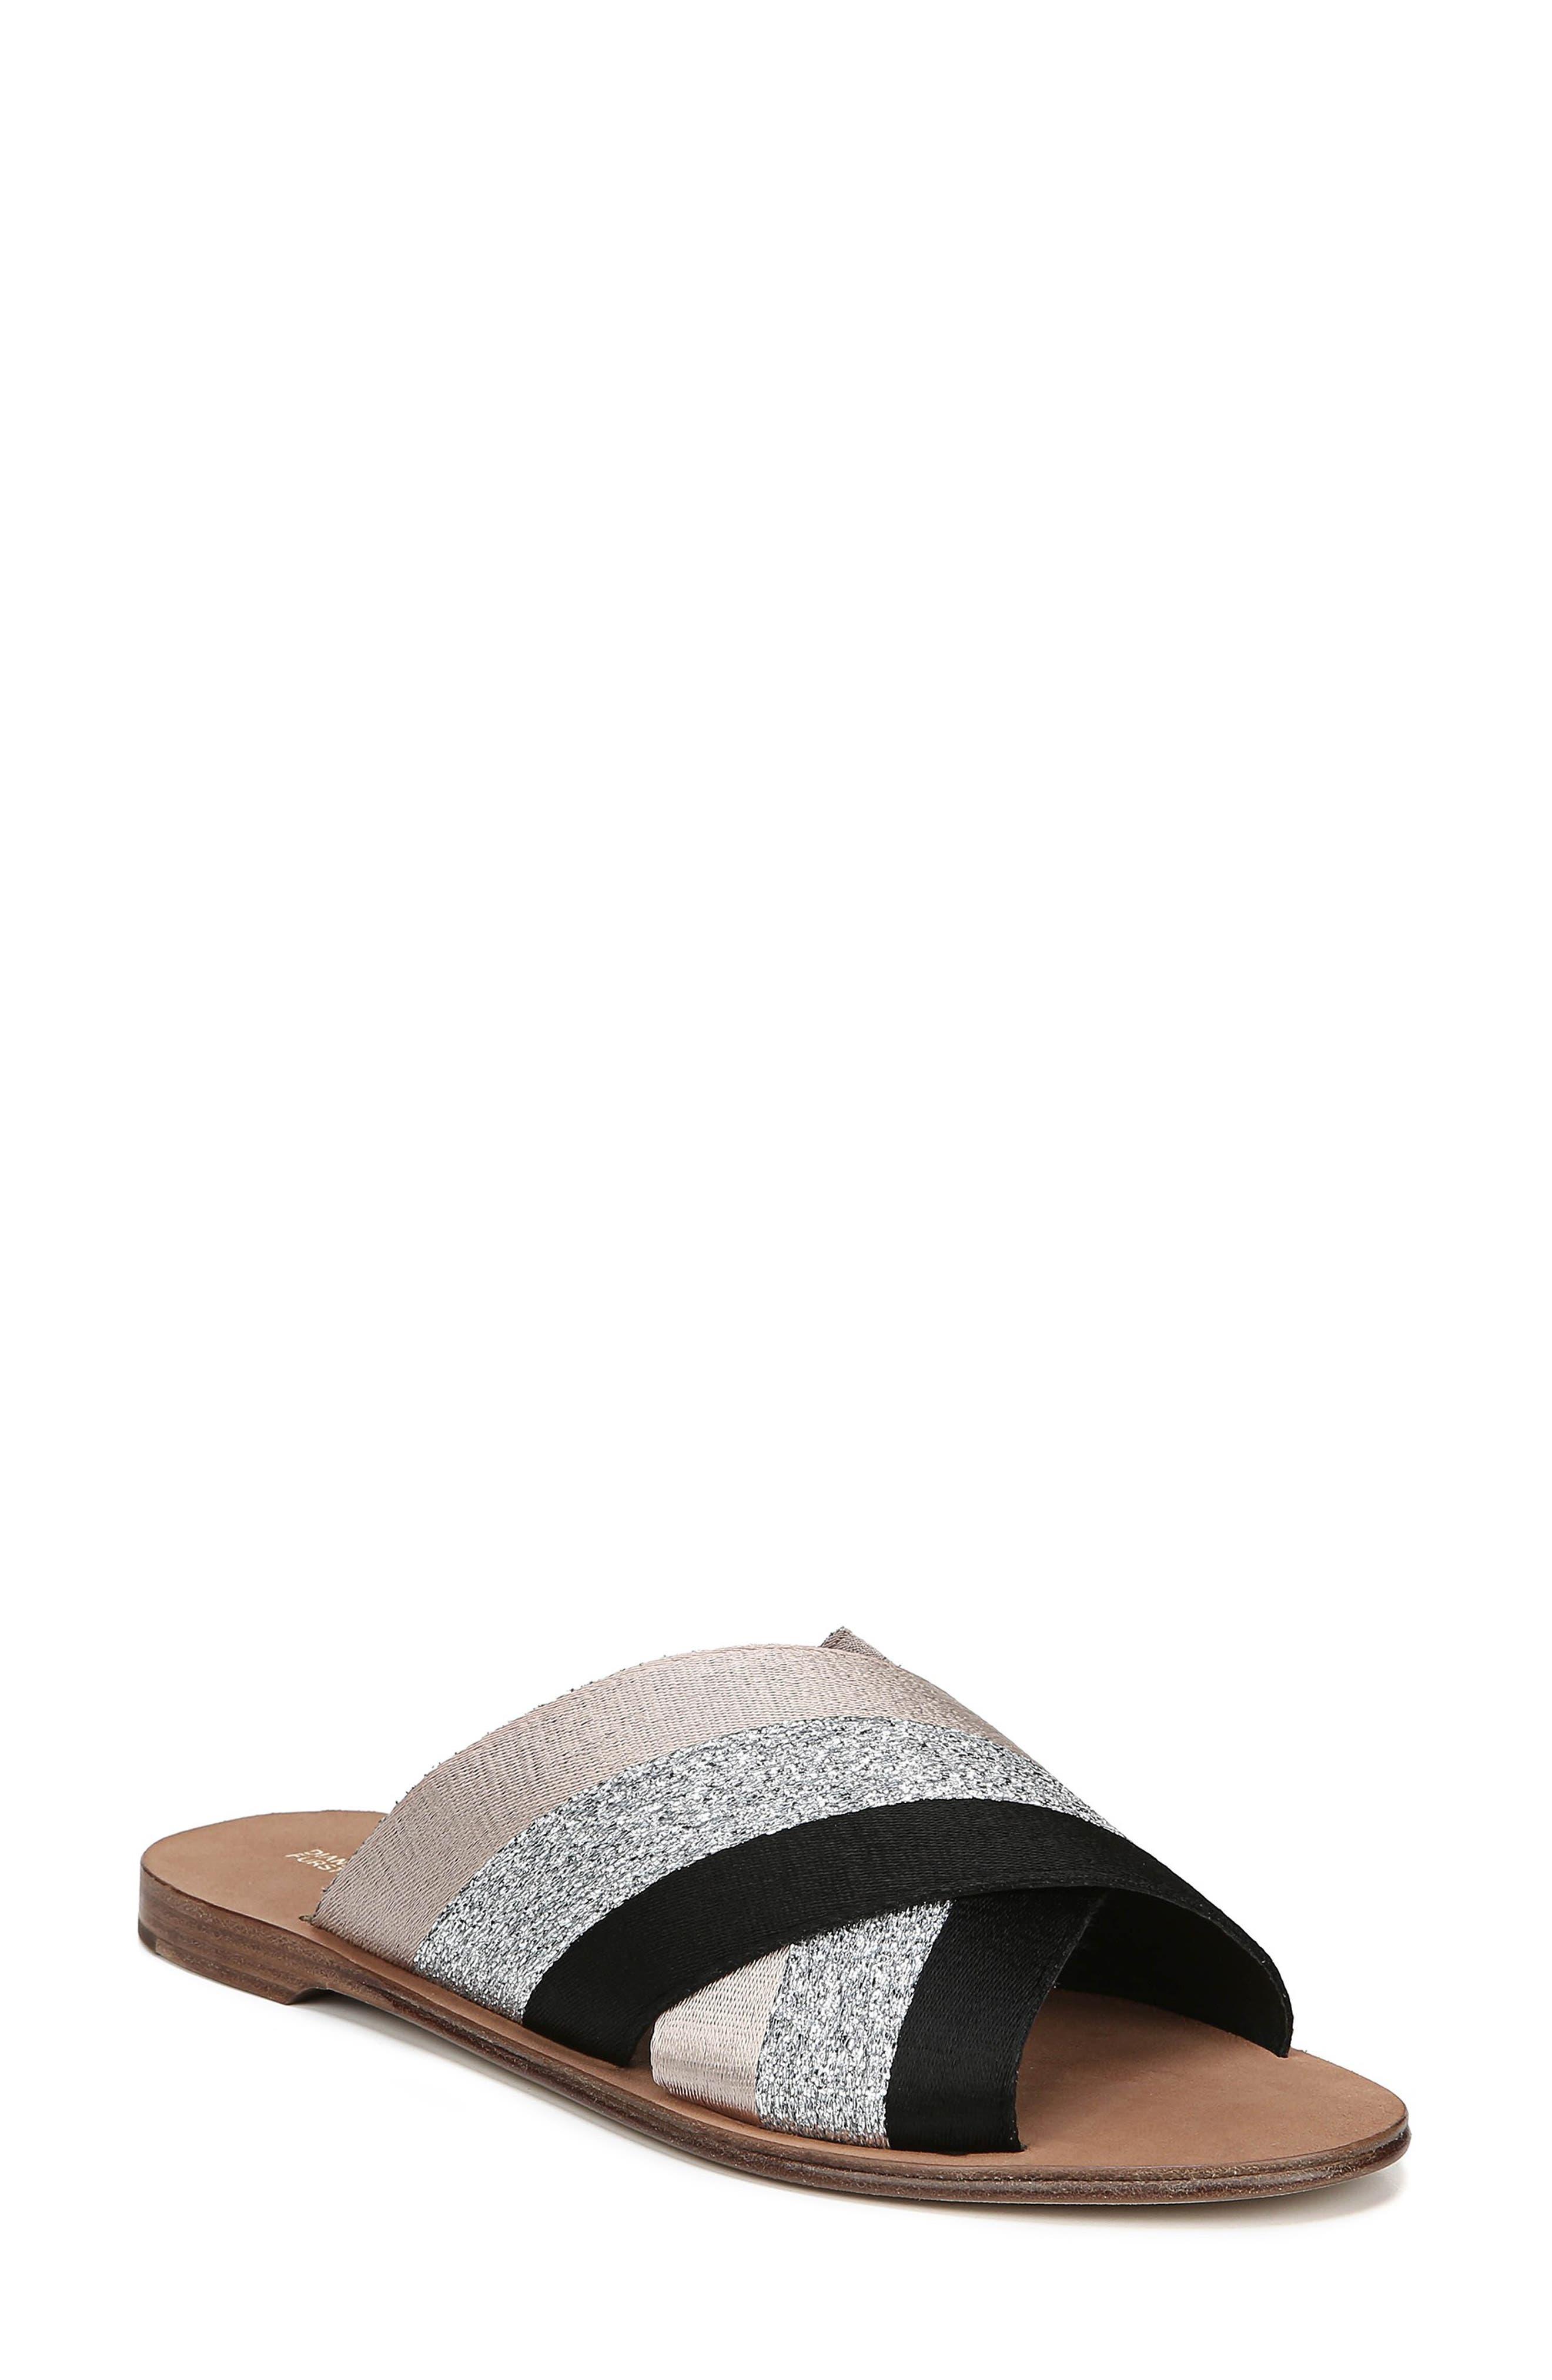 Bailie Sandal,                         Main,                         color, NUDE MULTI